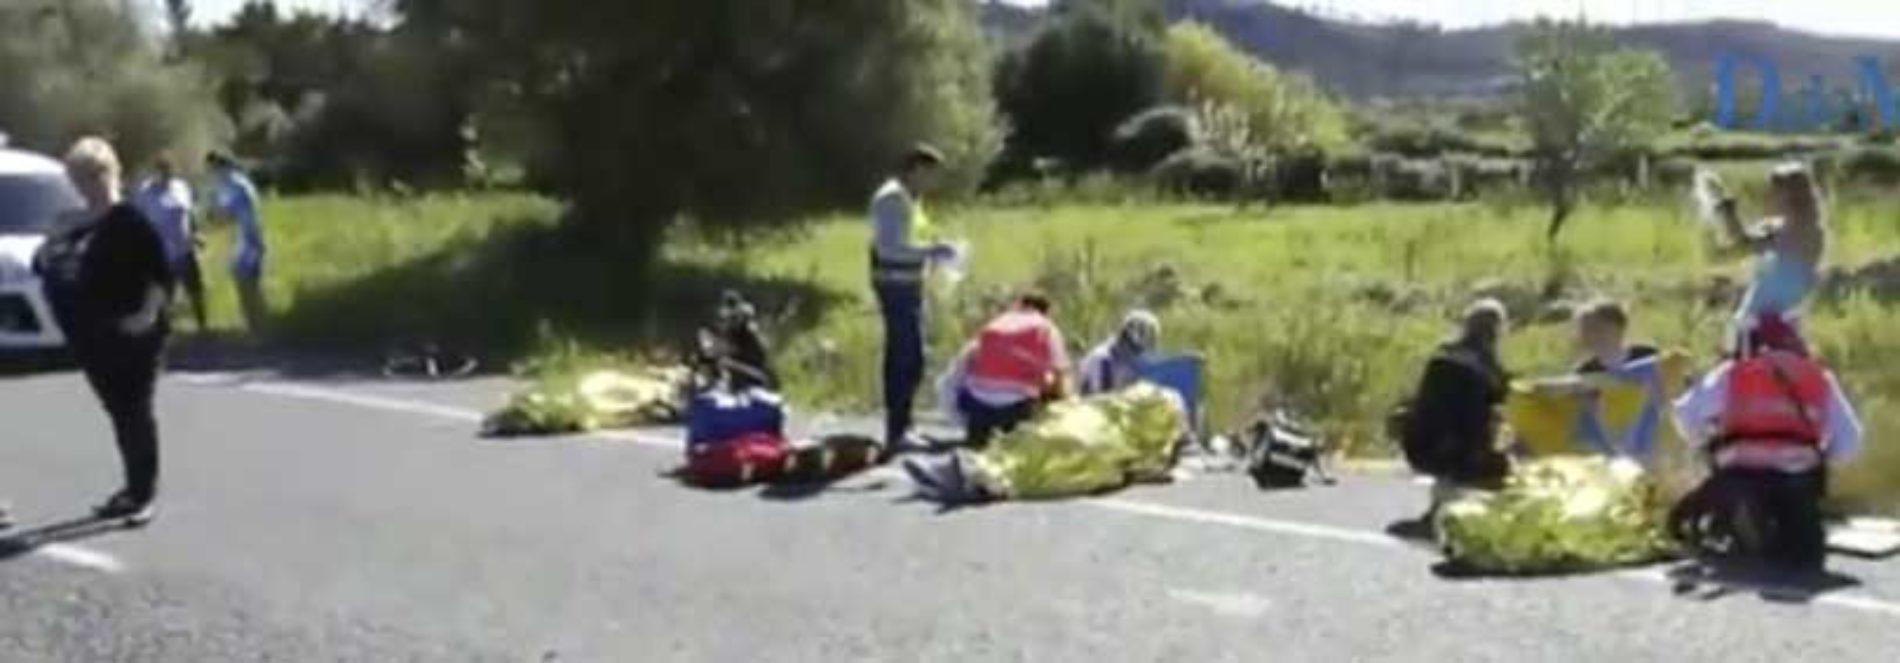 Kvinne meide ned 9 tyske syklister på Mallorca